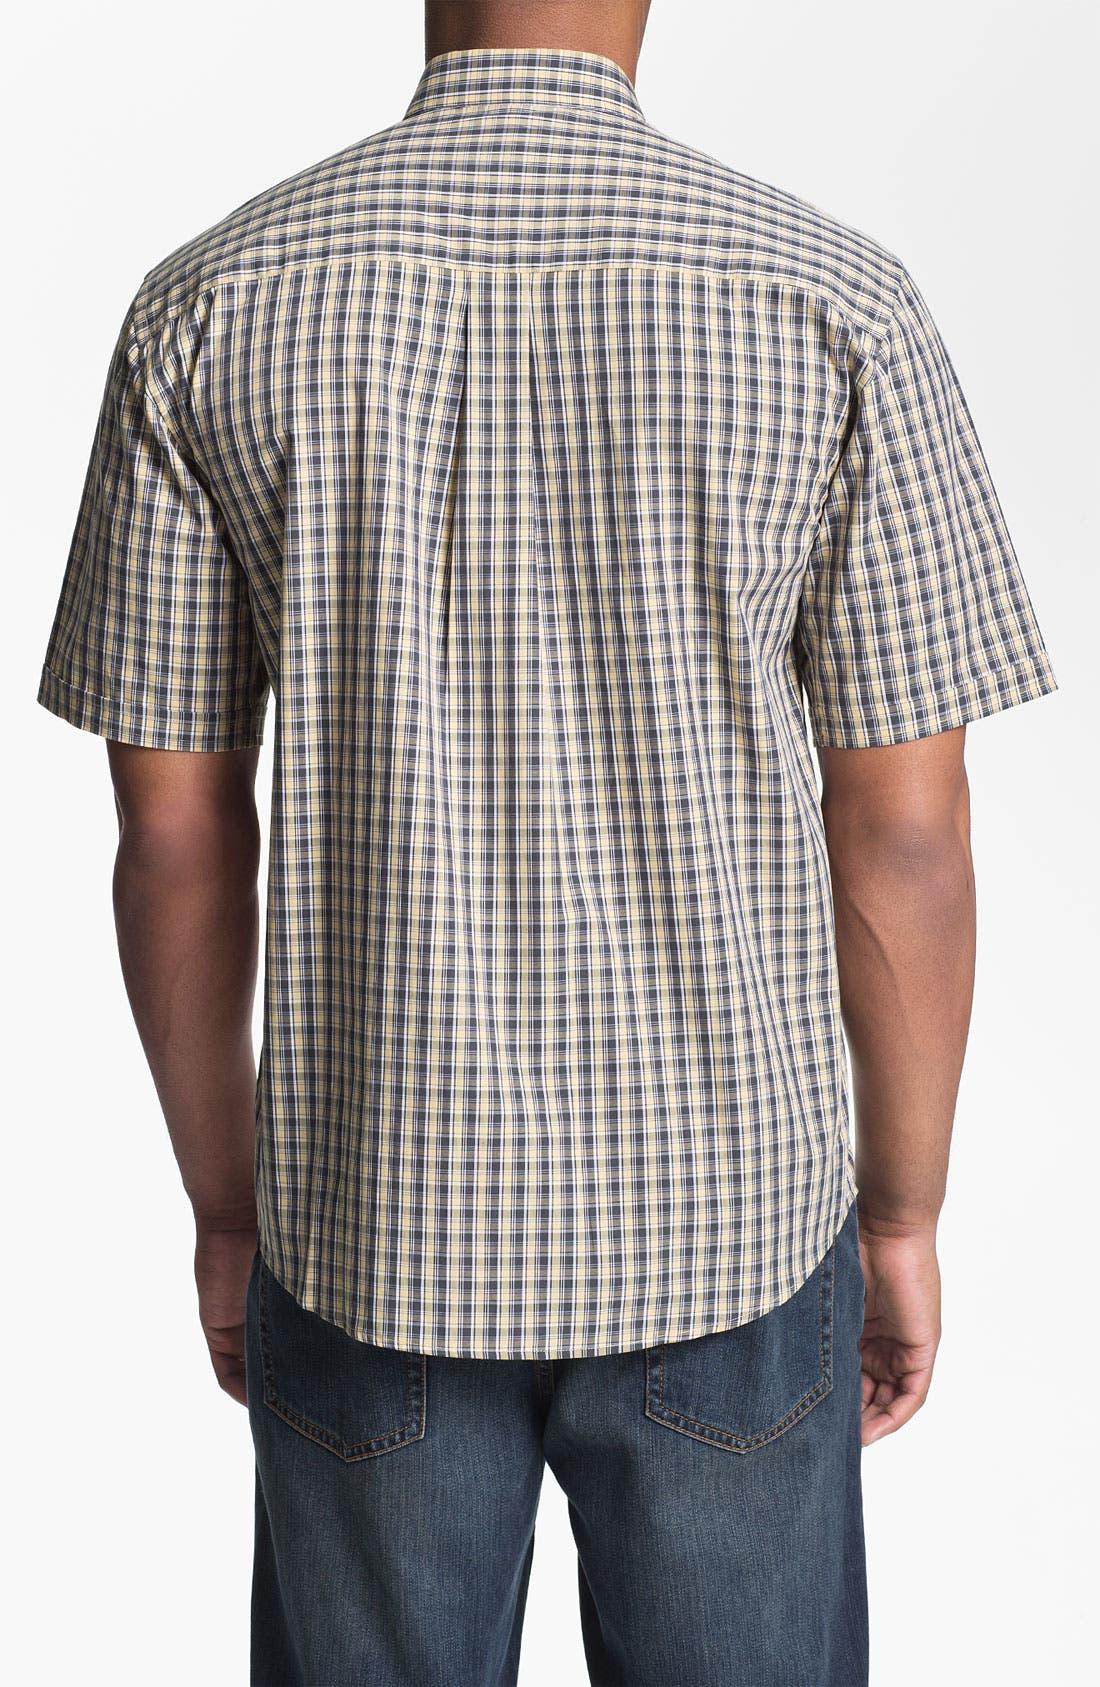 Alternate Image 2  - Cutter & Buck 'Midvale' Check Sport Shirt (Big & Tall)